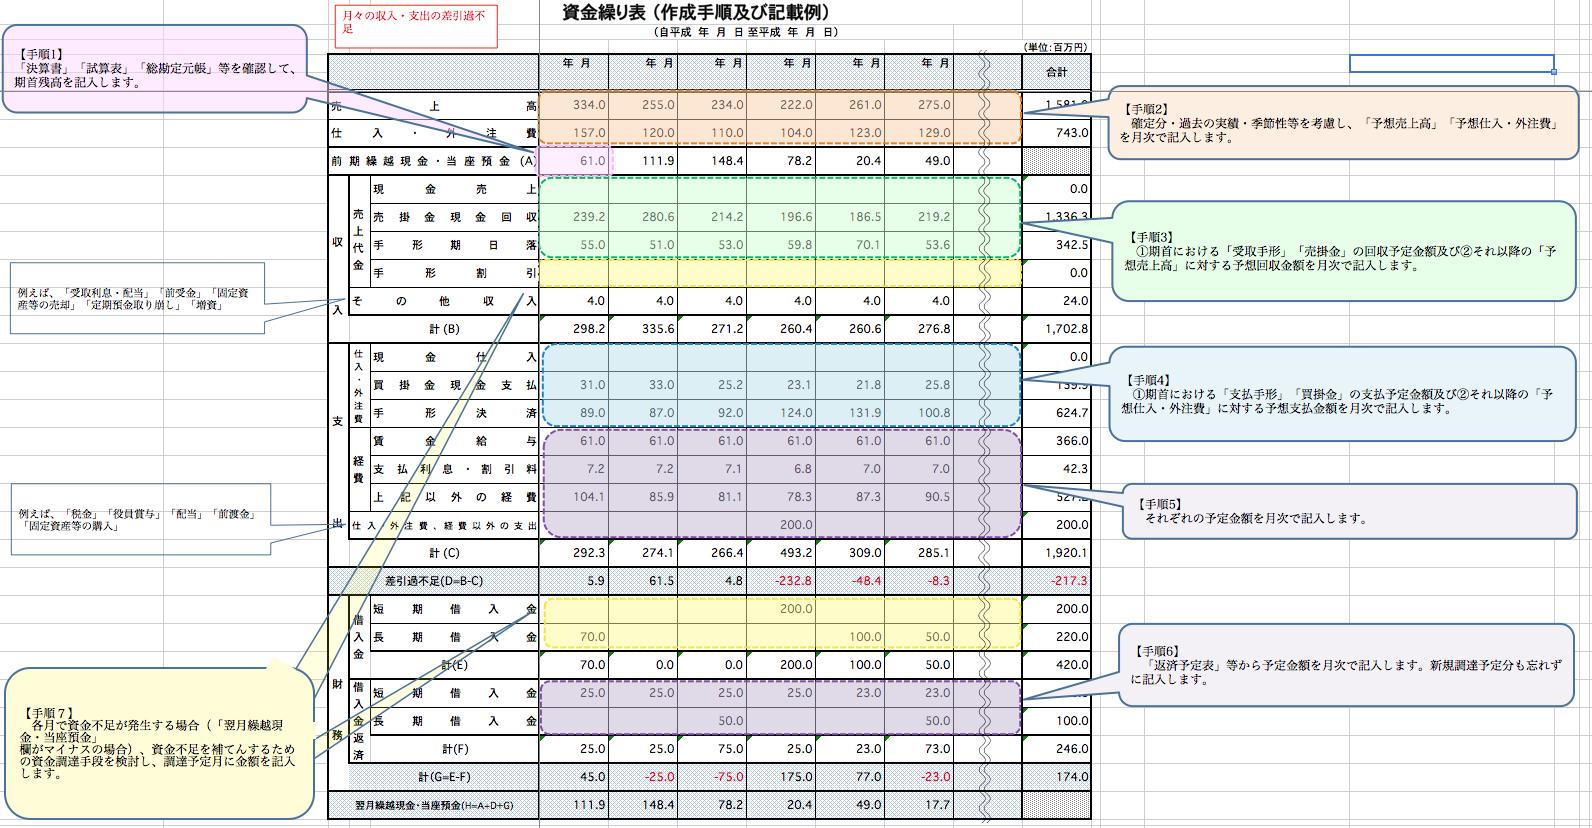 資金繰り表の例